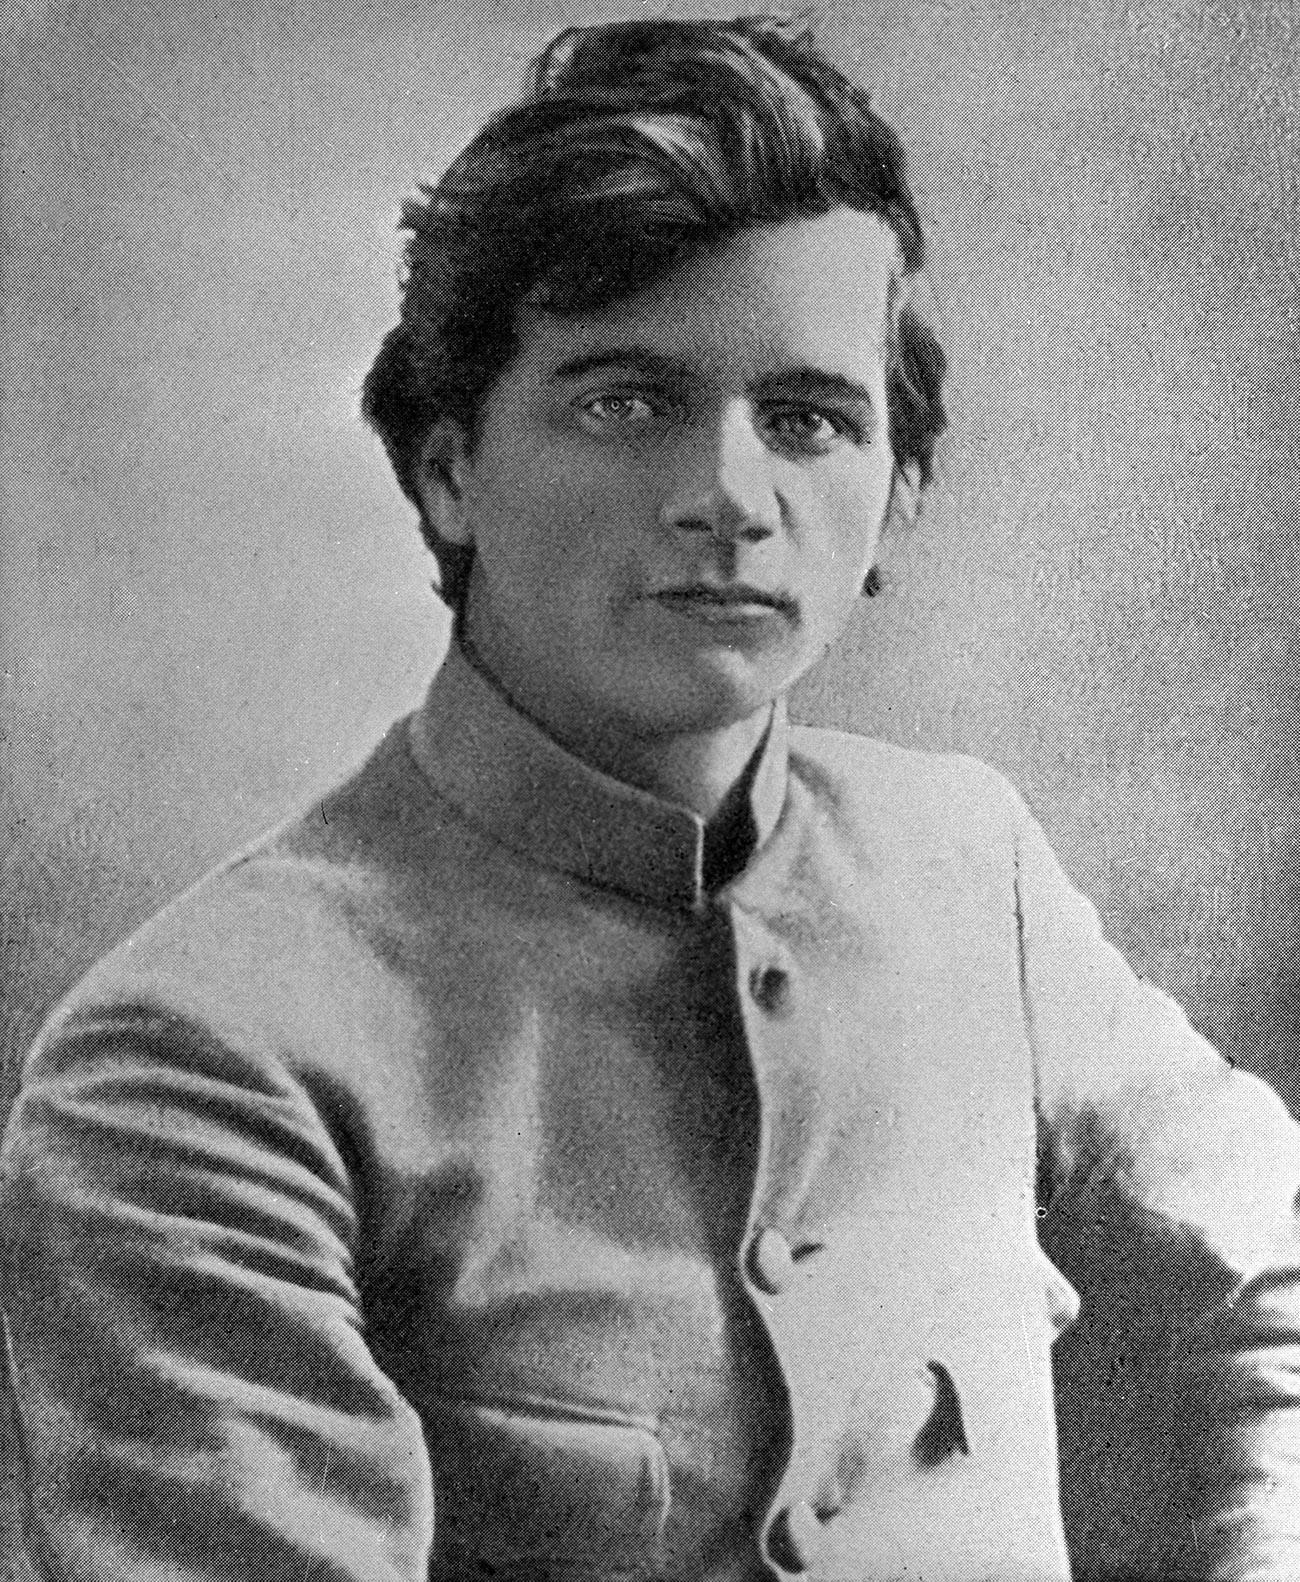 アンドレイ・プラトーノフ、1925年